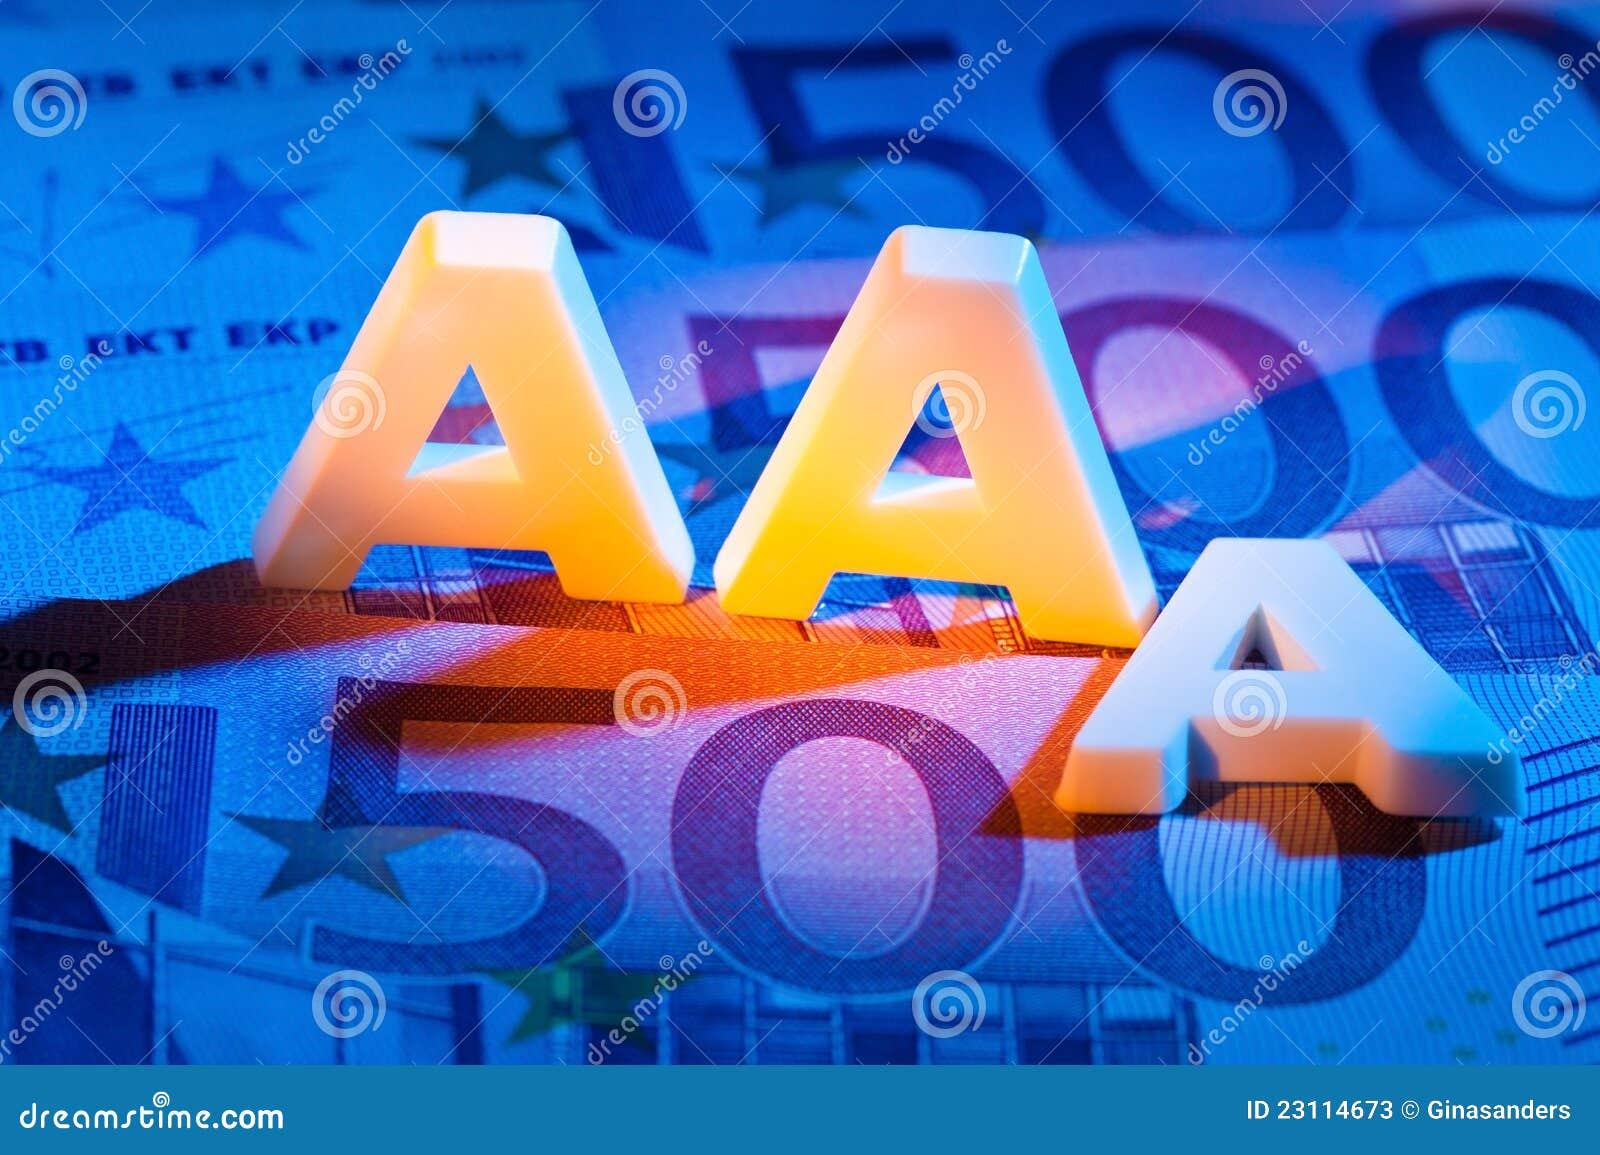 Trójka - A agencja ratingowa. aaa